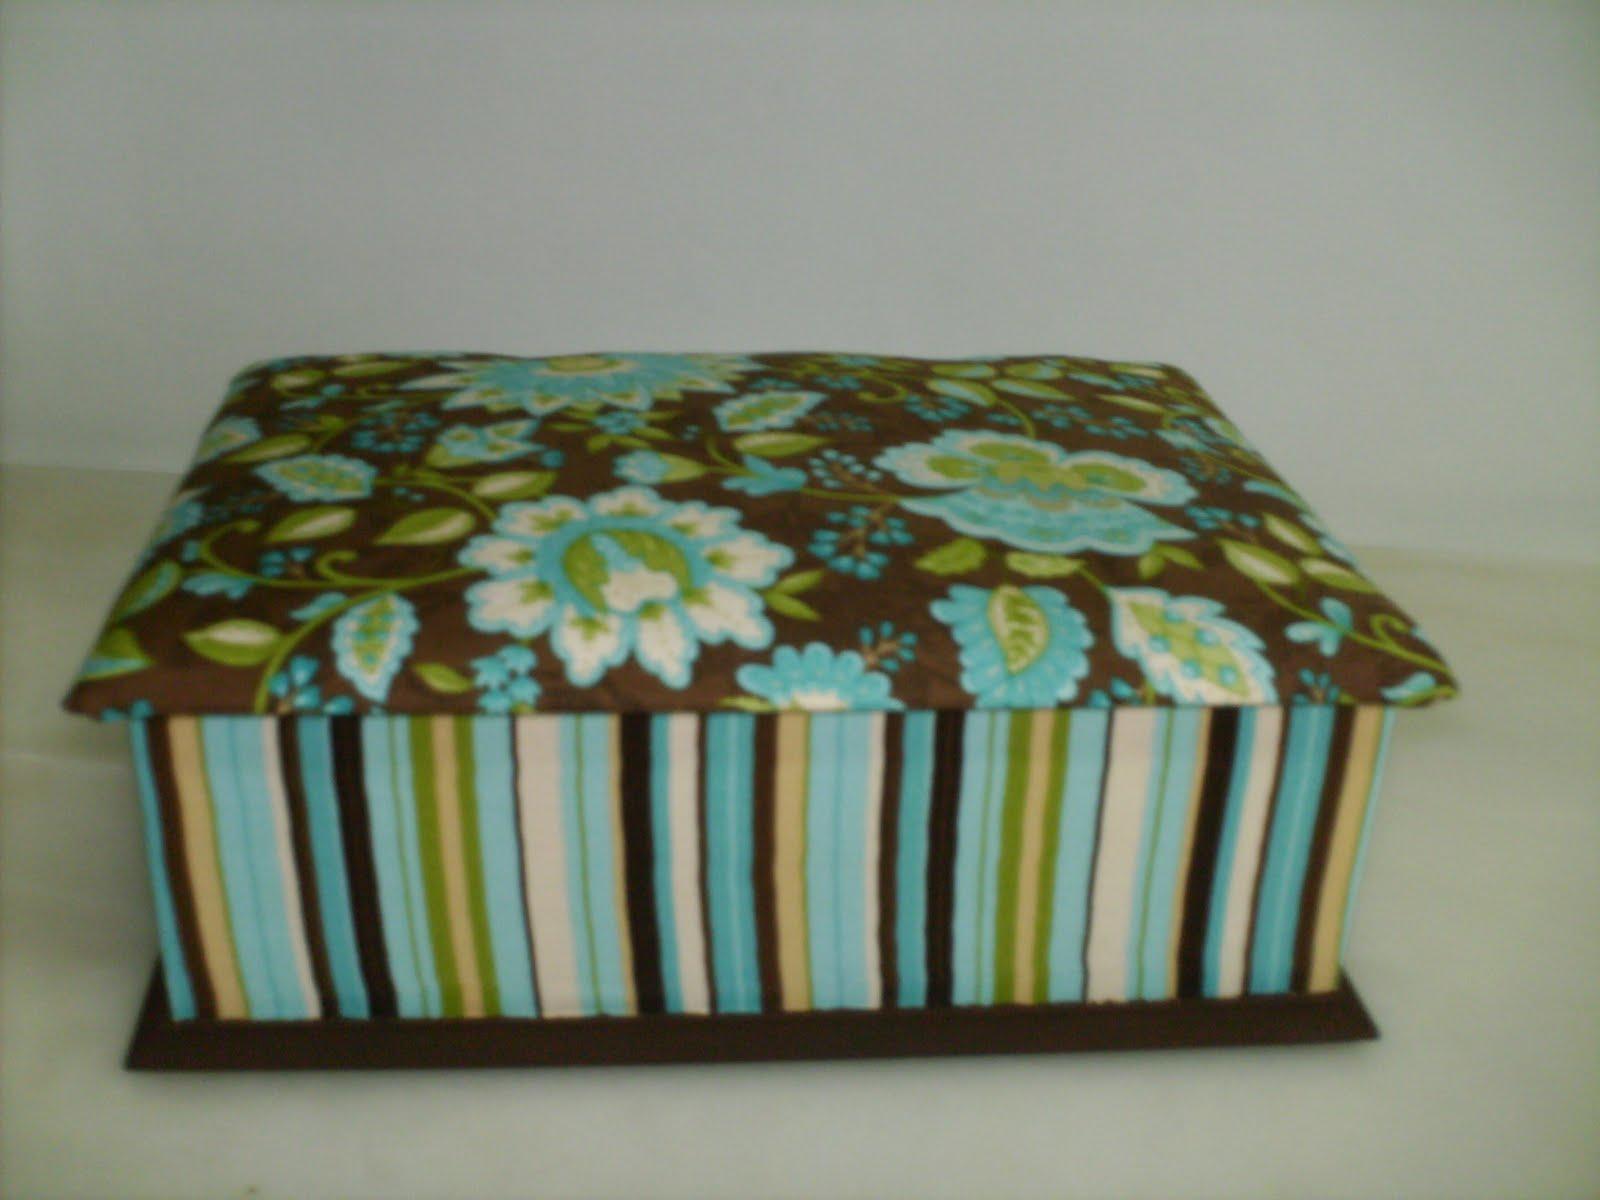 ARTEMANIA: Caixa de madeira forrada a tecido #5B4927 1600x1200